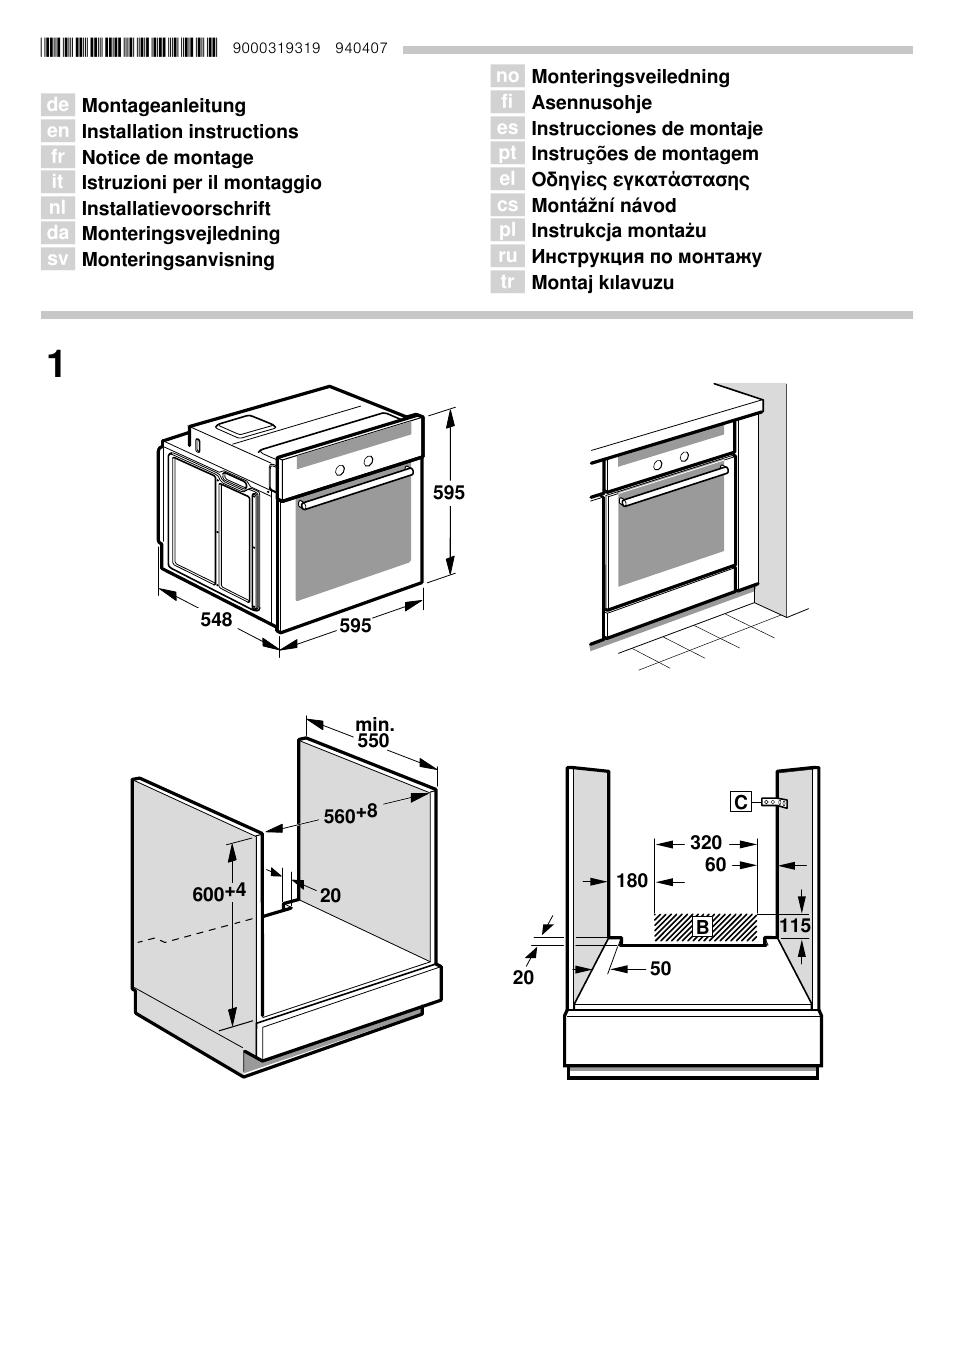 bosch hbg36t660 user manual 14 pages also for hba24u250 hbg36t650 hba73r451 hbg38u750. Black Bedroom Furniture Sets. Home Design Ideas